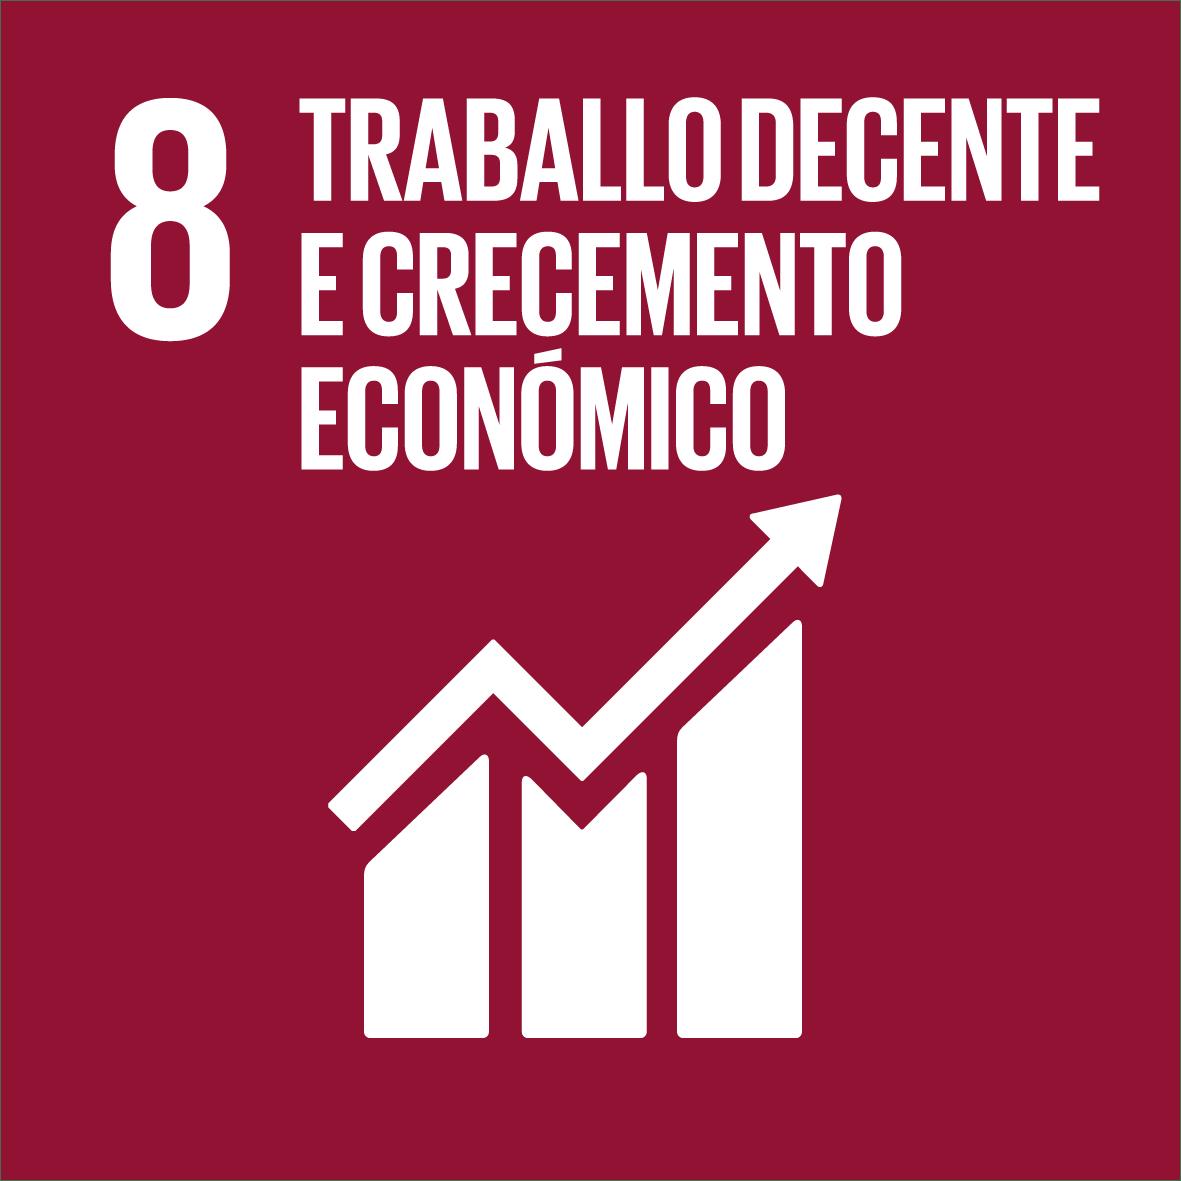 ODS 8: Traballo decente e crecemento económico